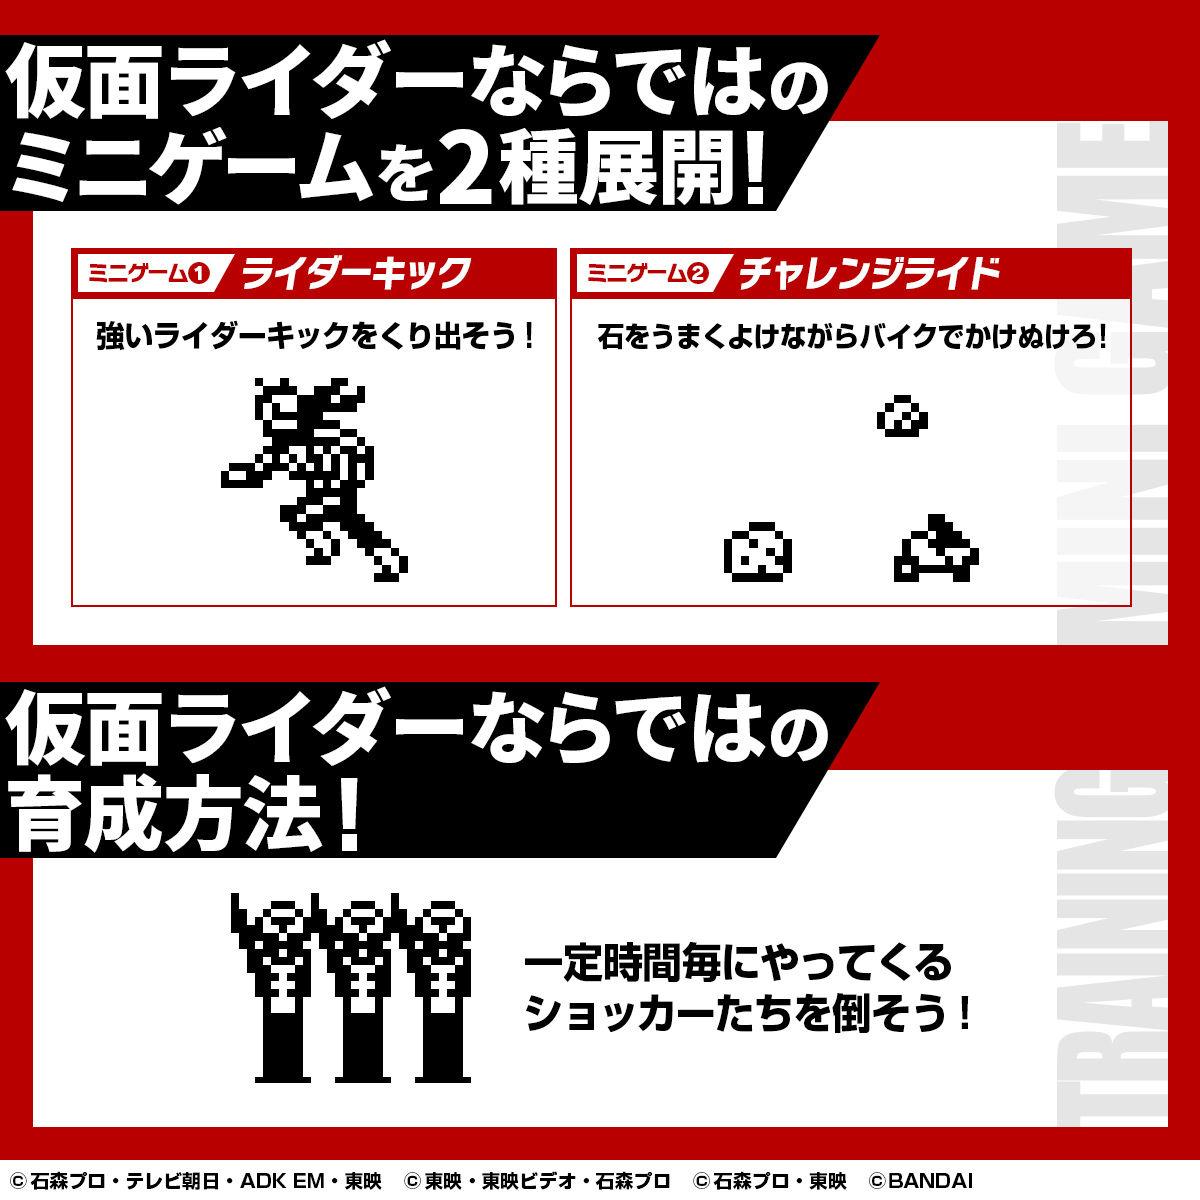 f:id:haruhiko1112:20210716124550j:plain